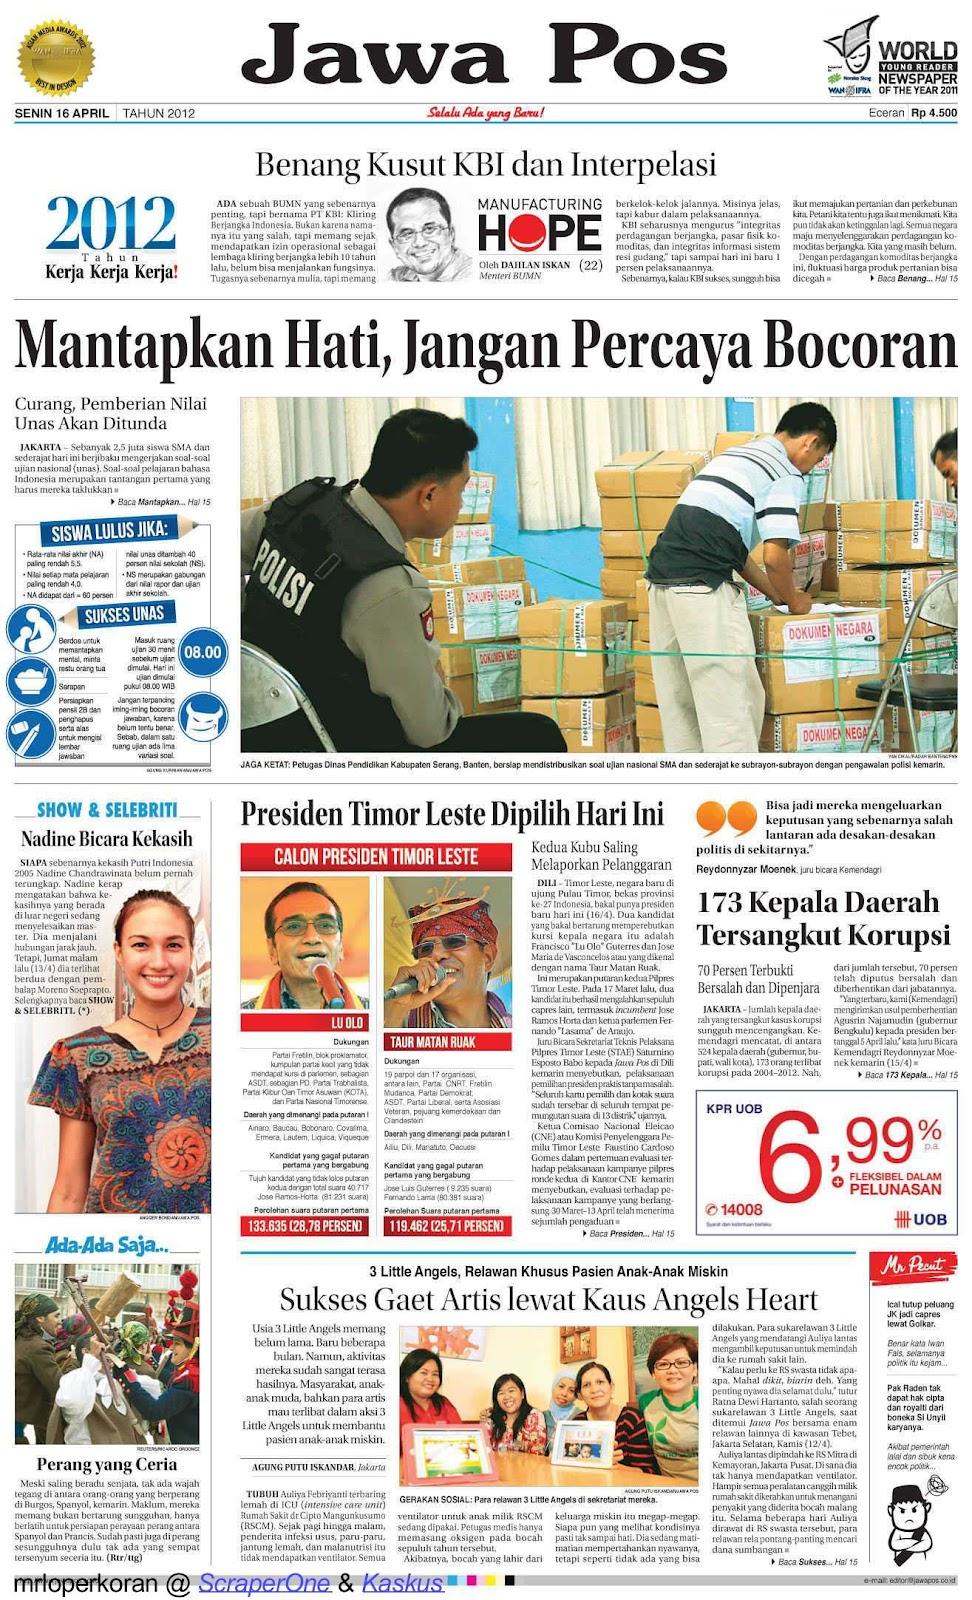 Koran Jawa Pos, Senin 16 April 2012 | REA-REO BLOG